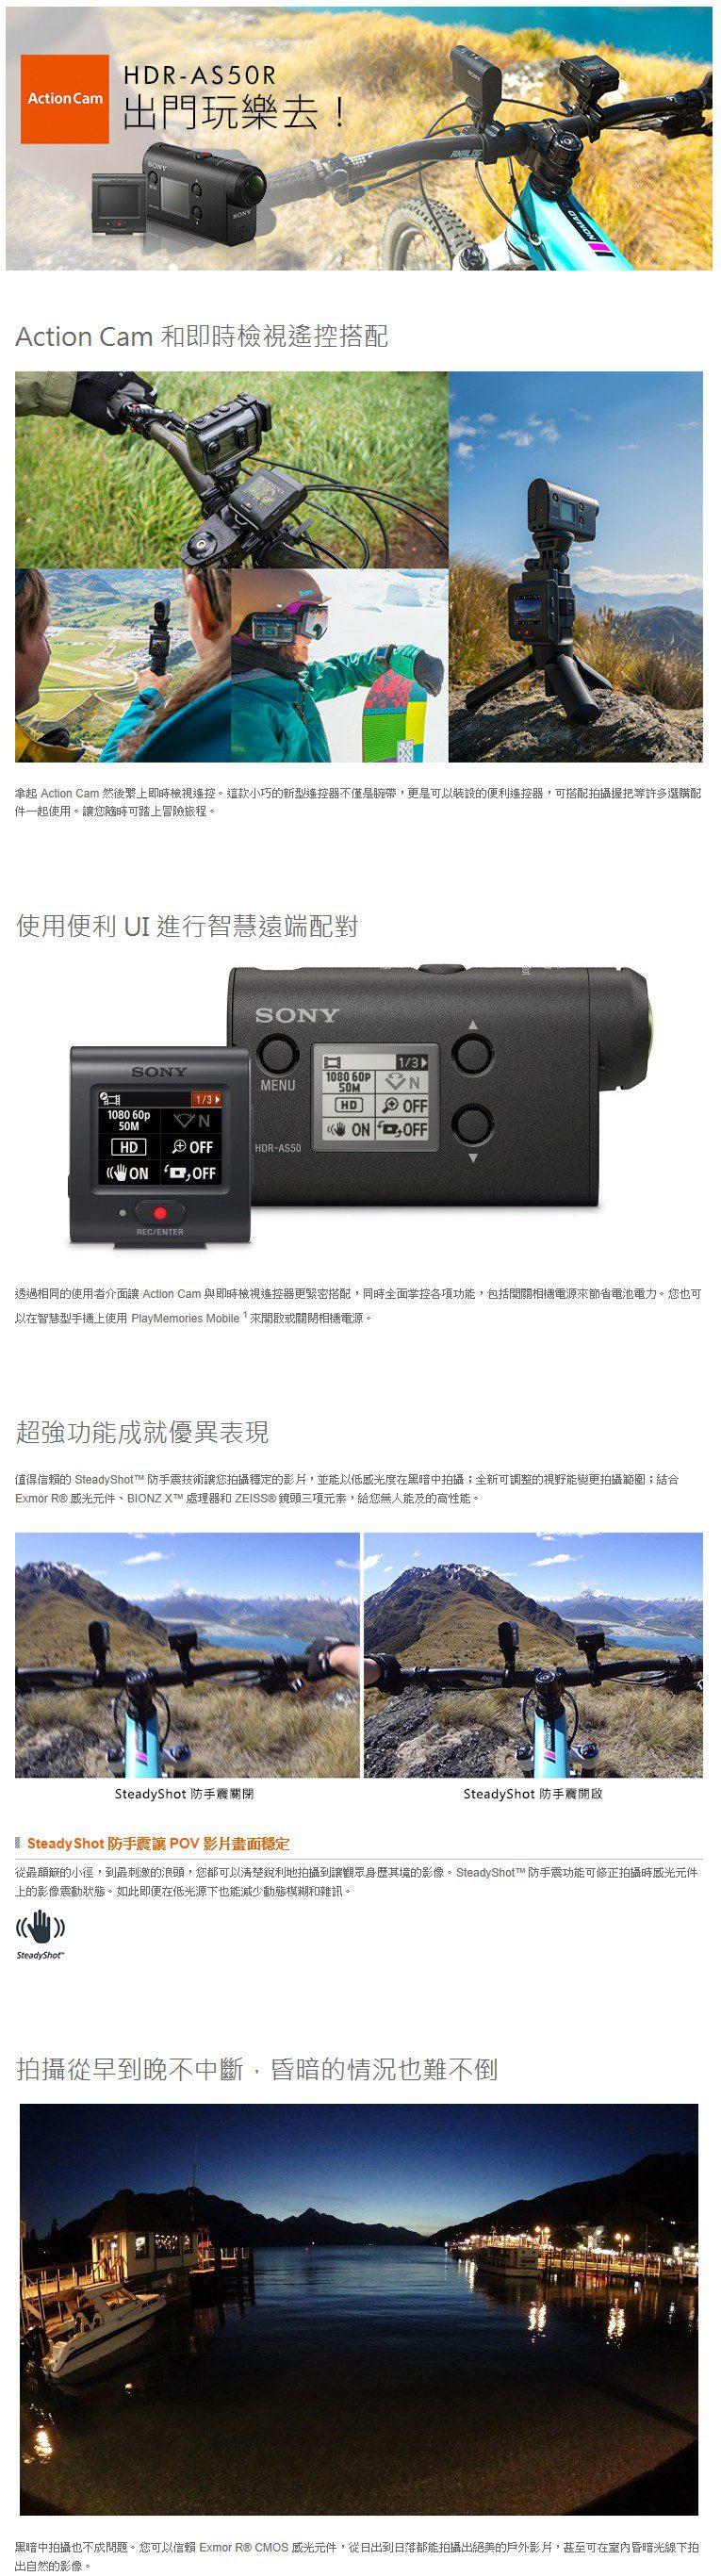 HDR-AS50R-01.jpg